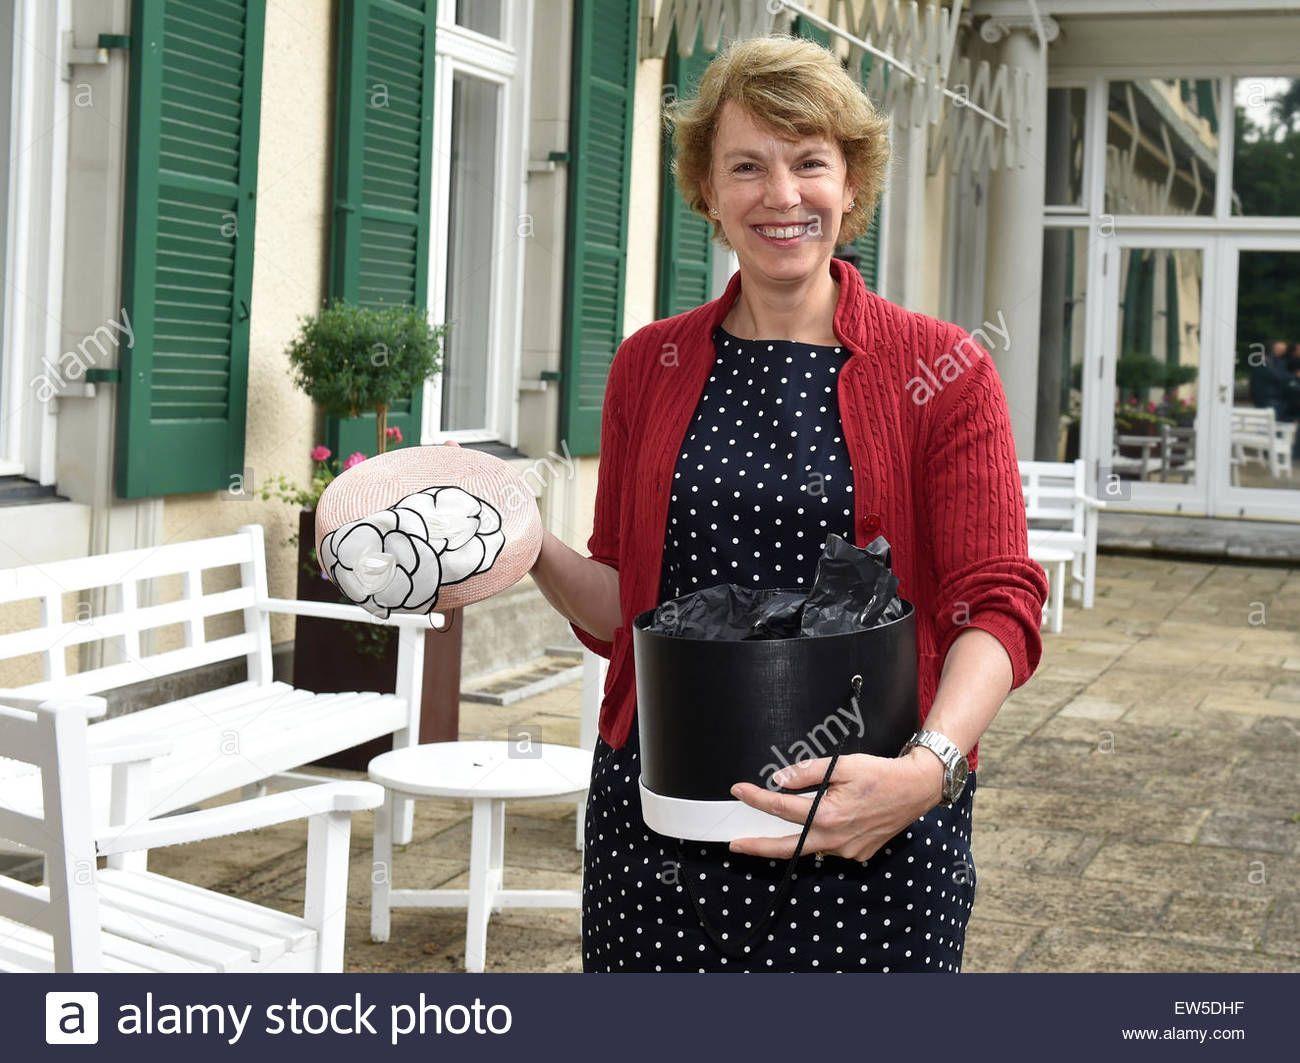 Frau Juni wichsen Nonnen Spycam